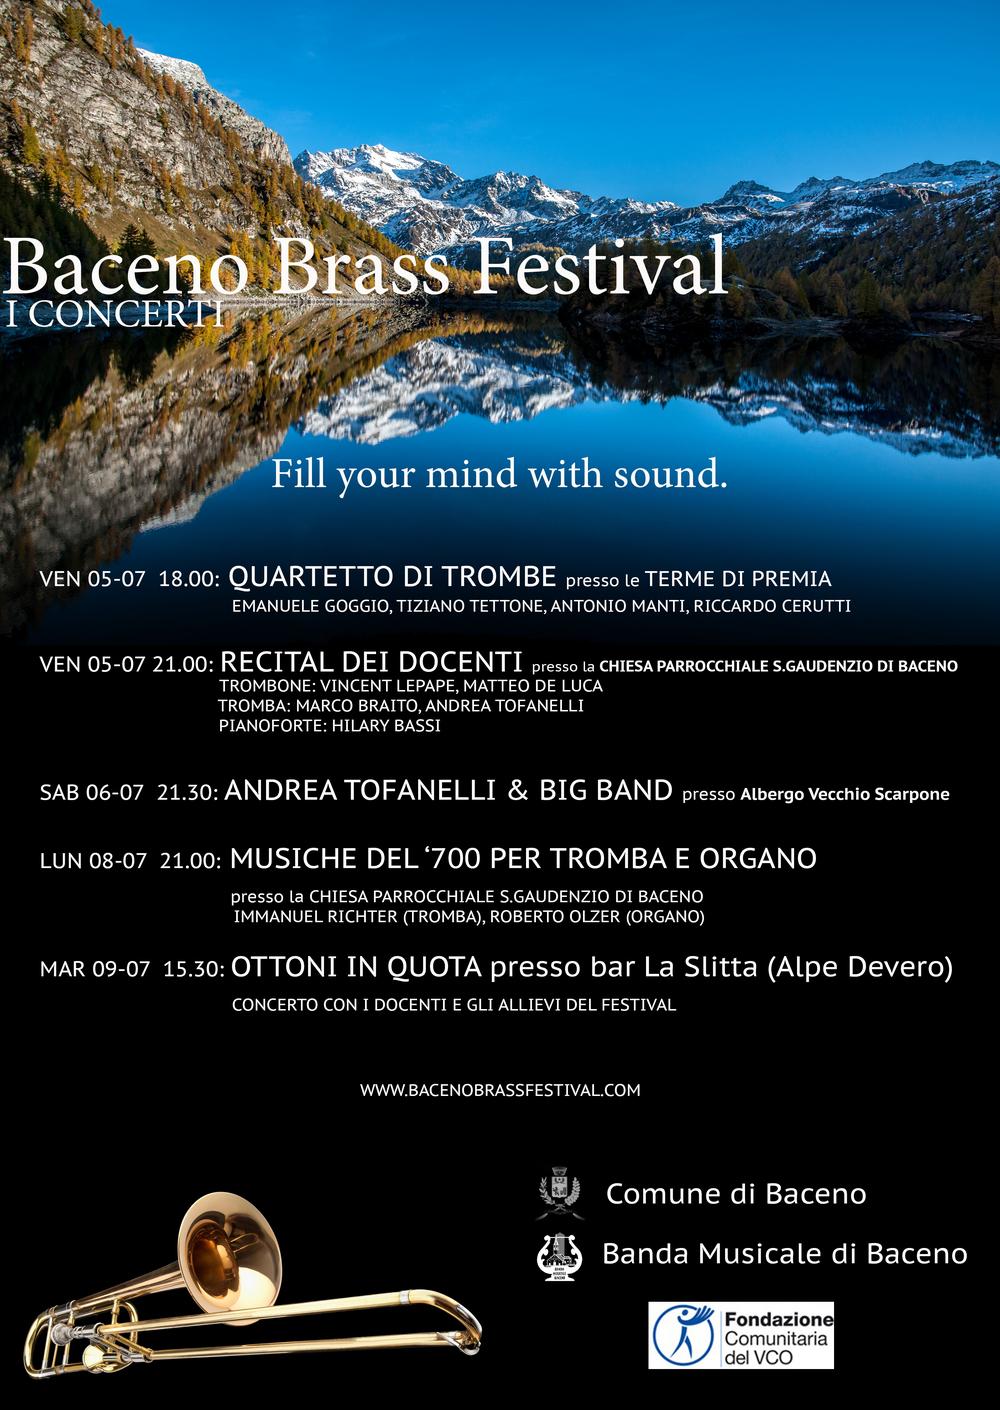 Il programma del Baceno Brass Festival